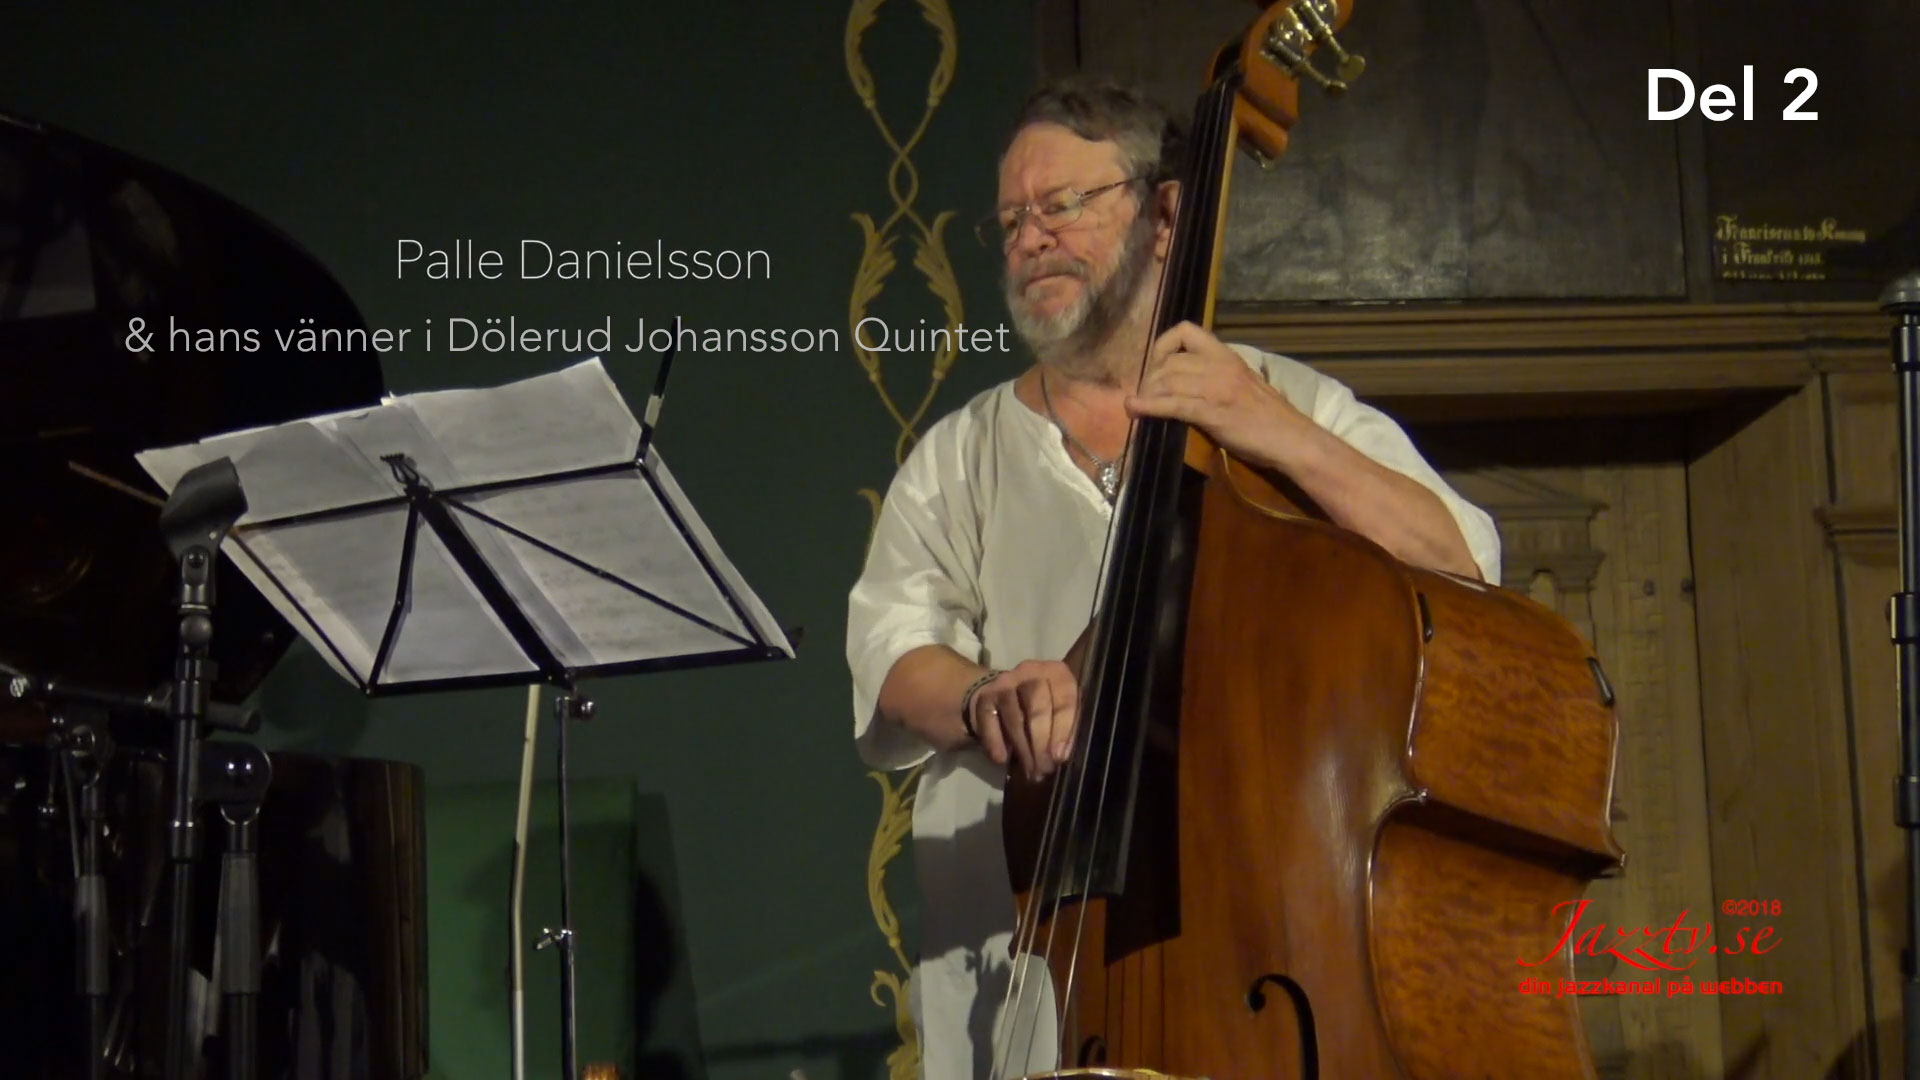 Palle och hans vänner i Dölerud Johansson Quintet - Del 2